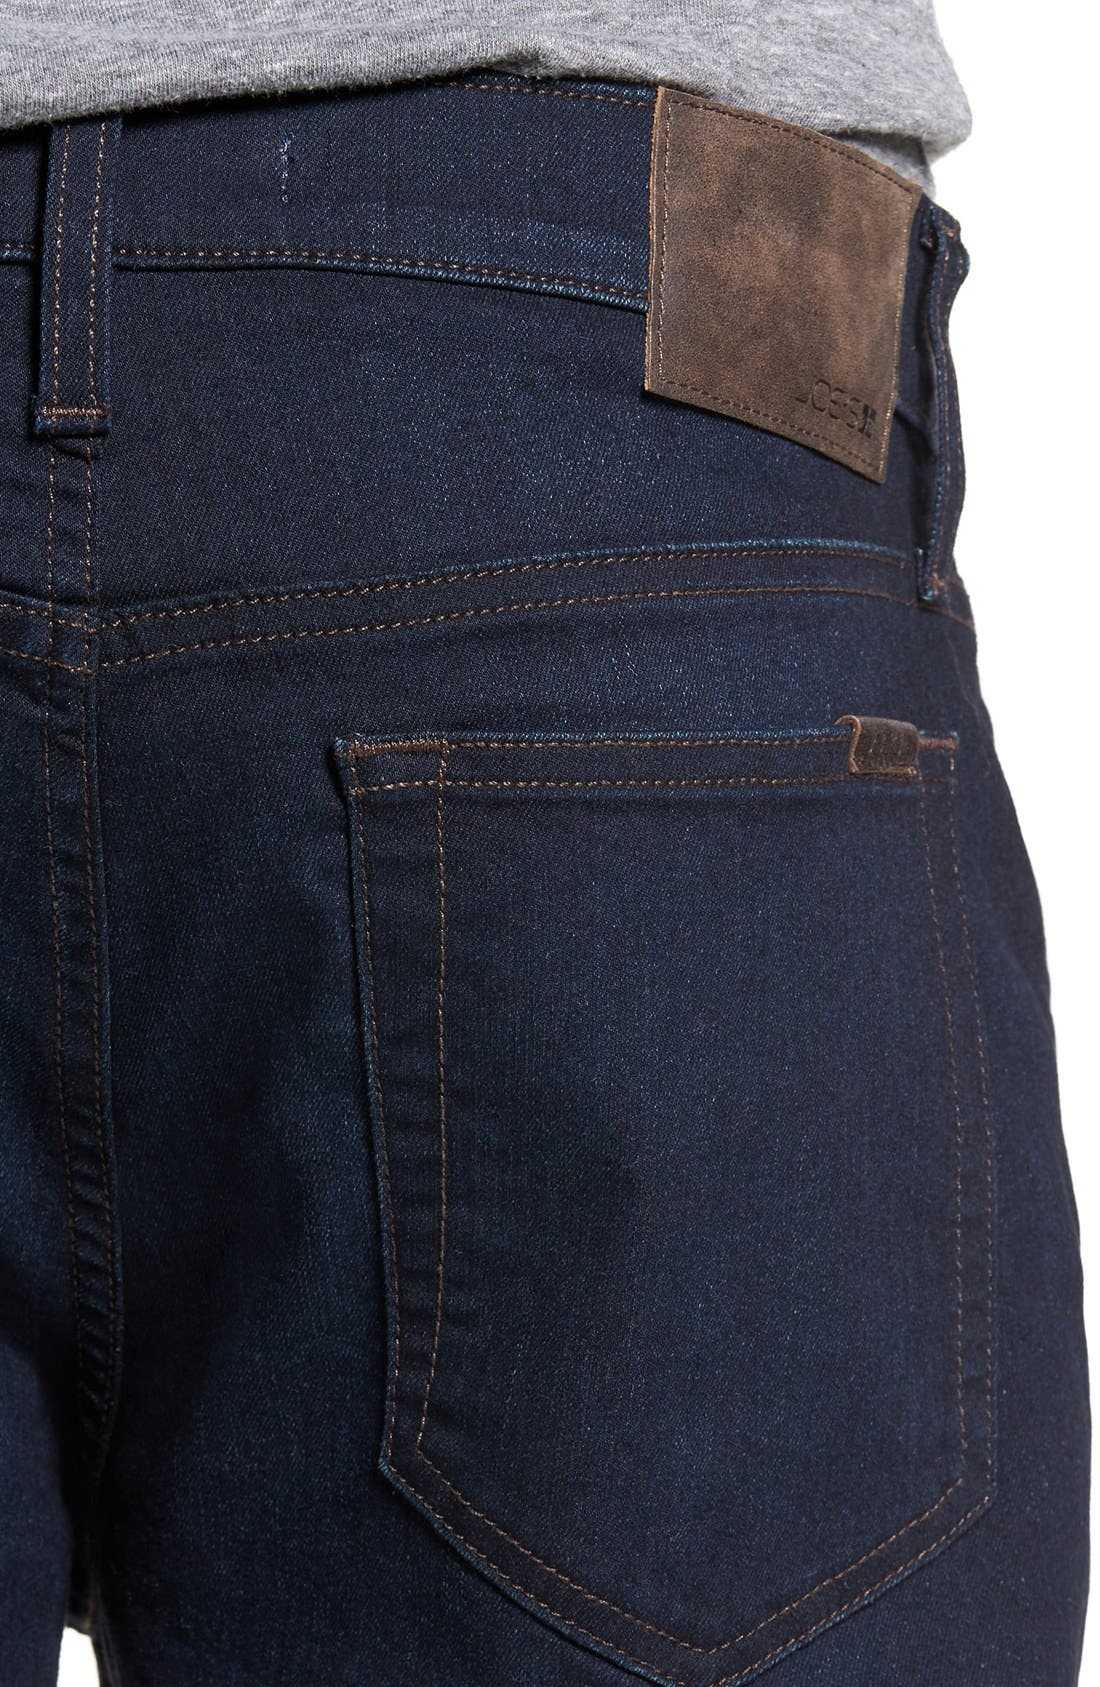 Brixton Kinetic Slim Straight Leg Jeans,                             Alternate thumbnail 5, color,                             400